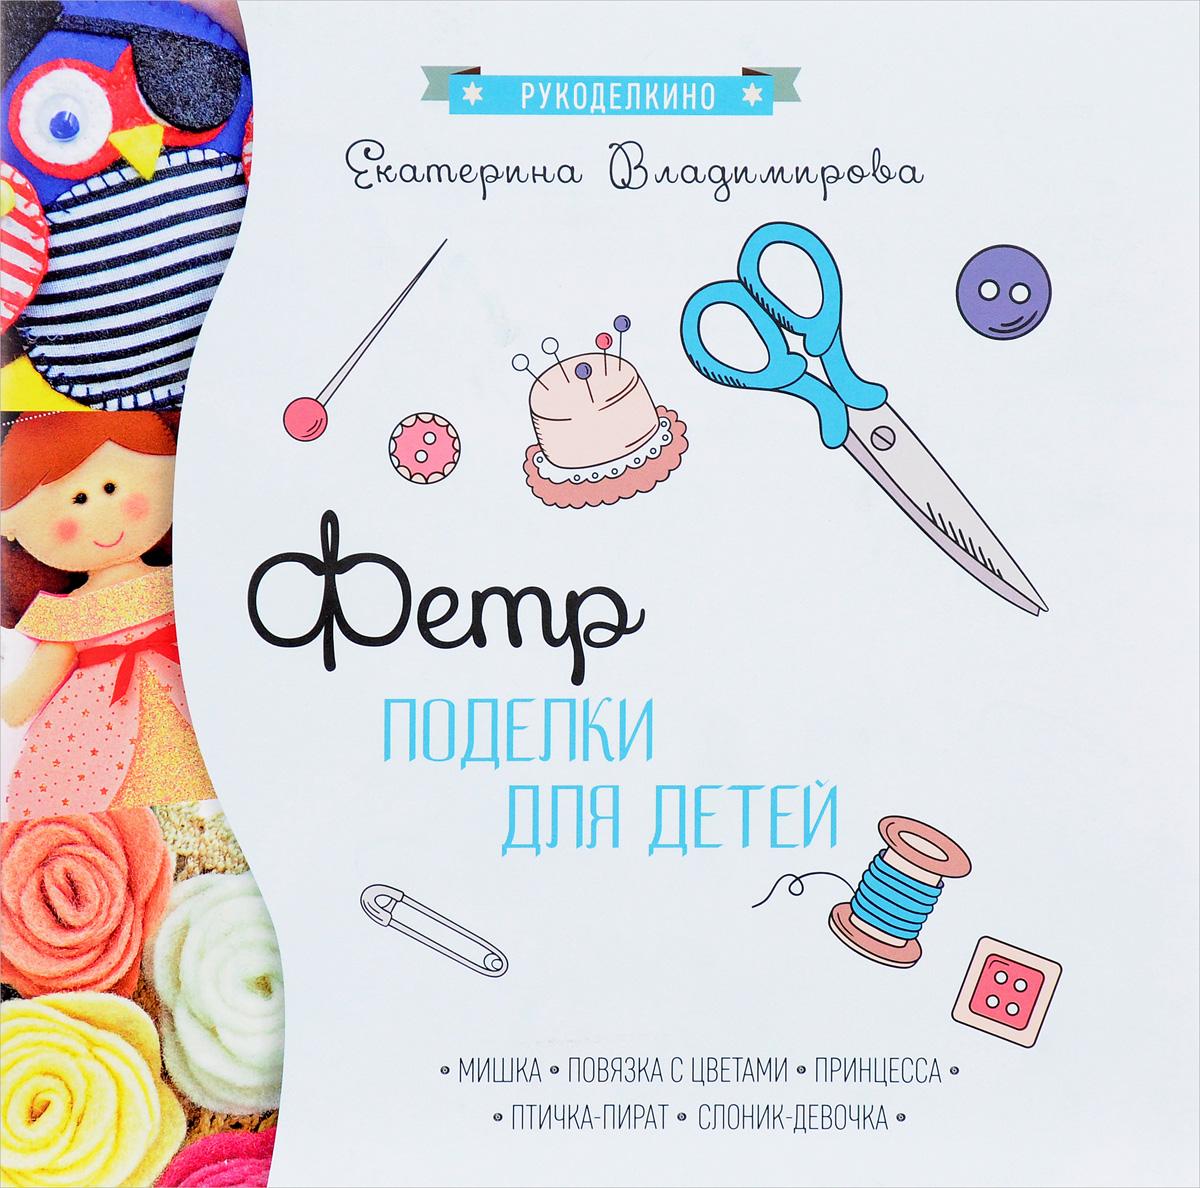 Екатерина Владимирова Фетр. Поделки для детей